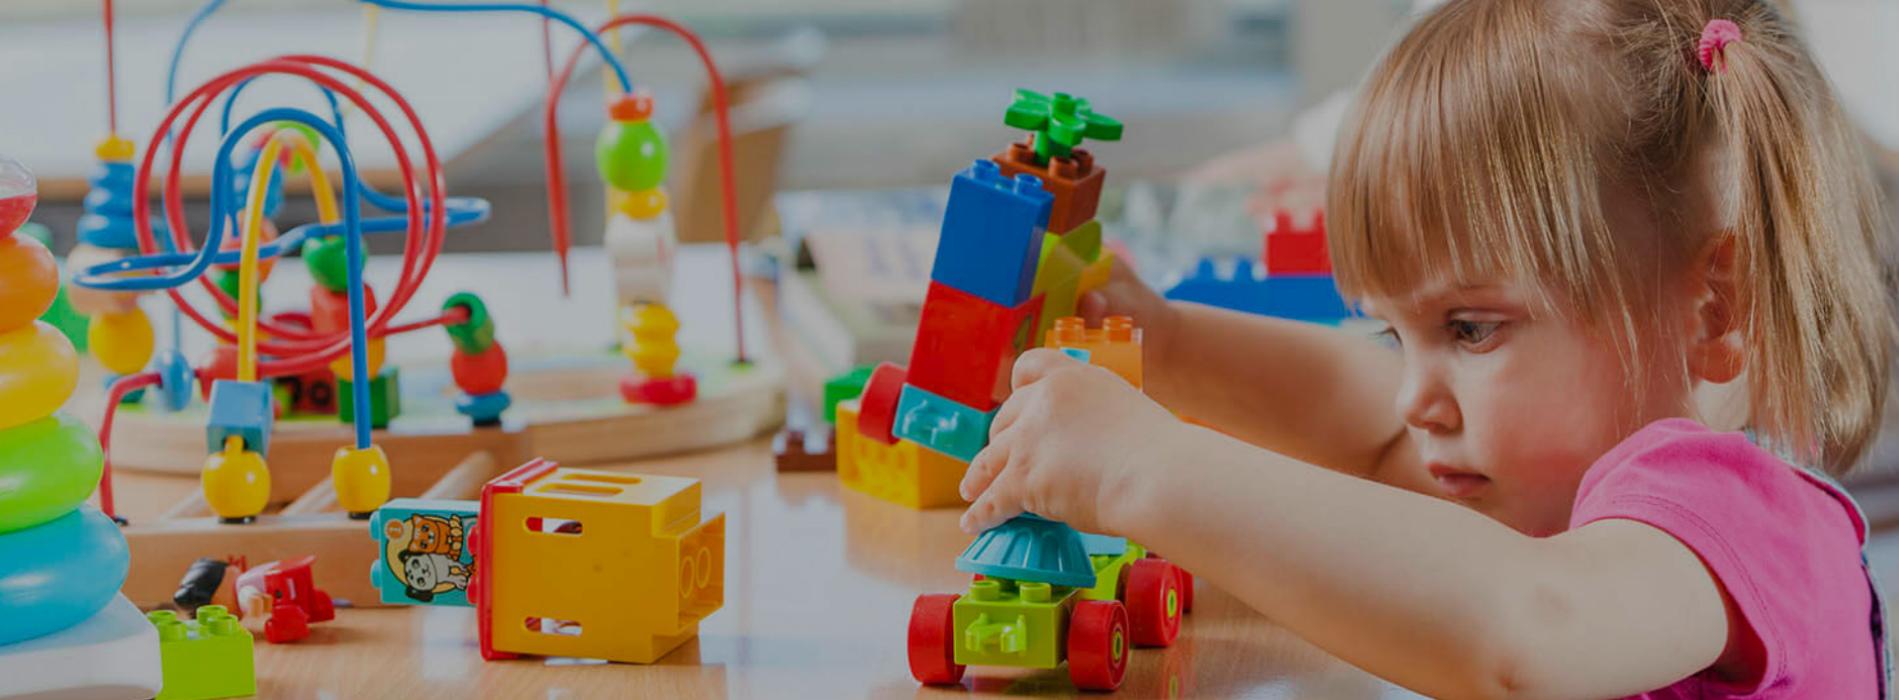 Kind speelt met Lego